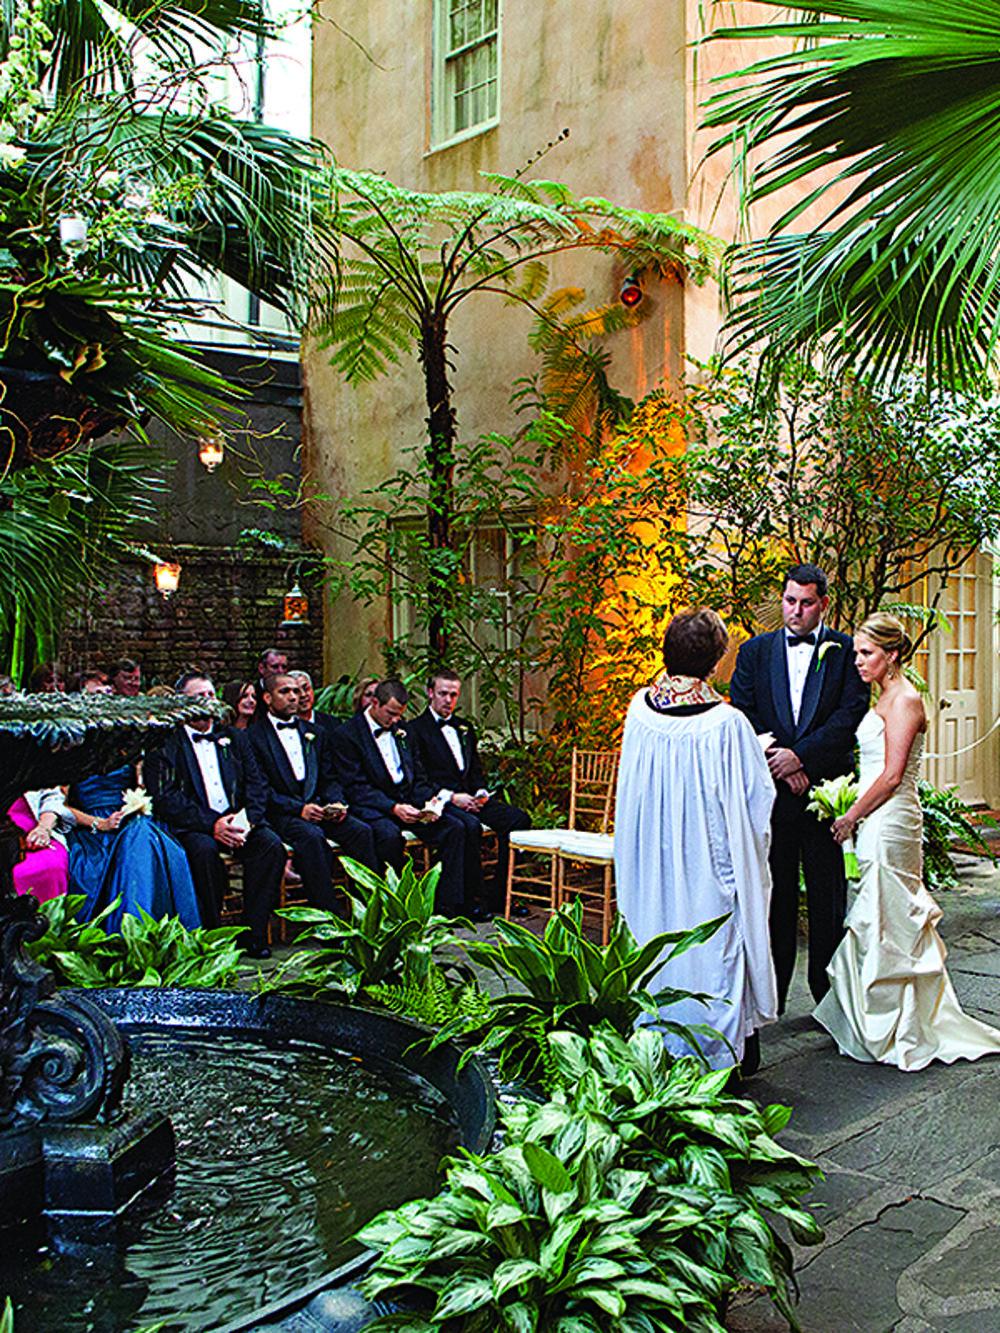 Destination Weddings Hotel wedding venues, Boutique